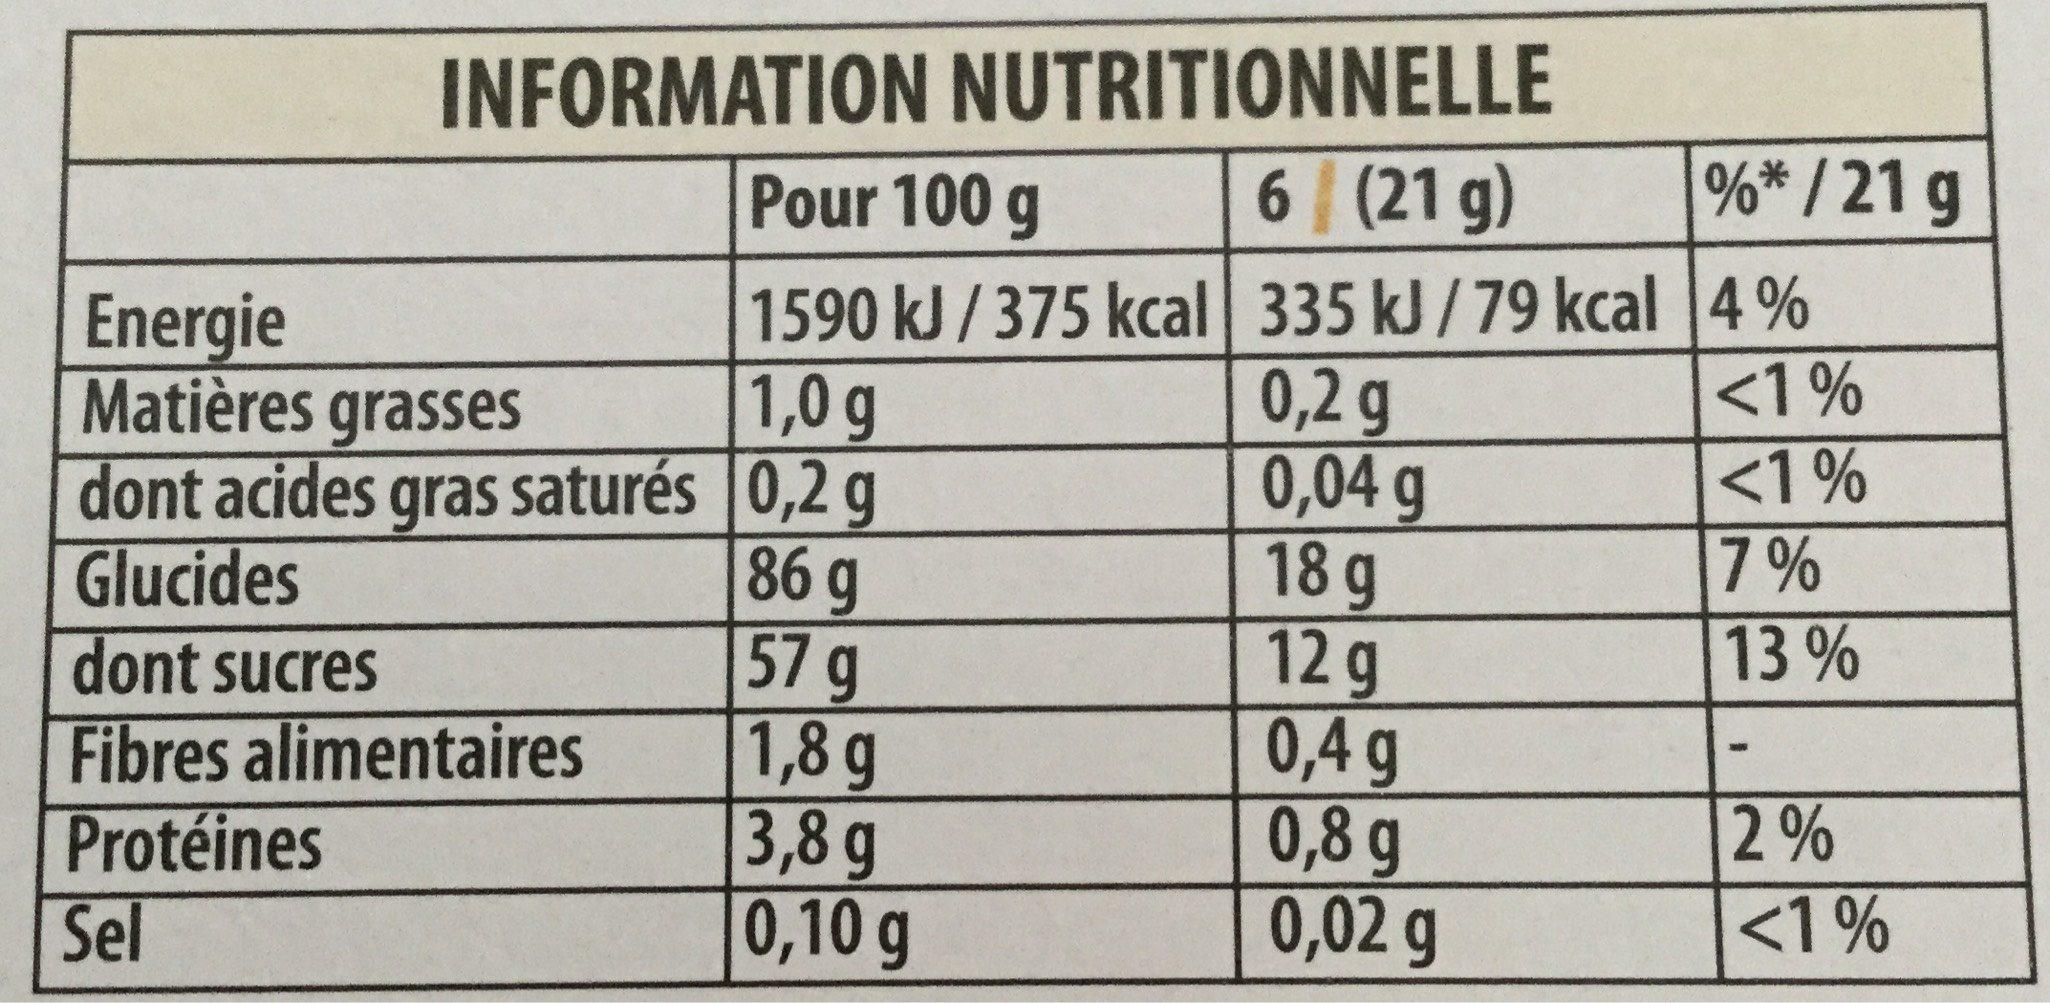 La Paille d'or  Fraises/Fraises des bois - Informations nutritionnelles - fr